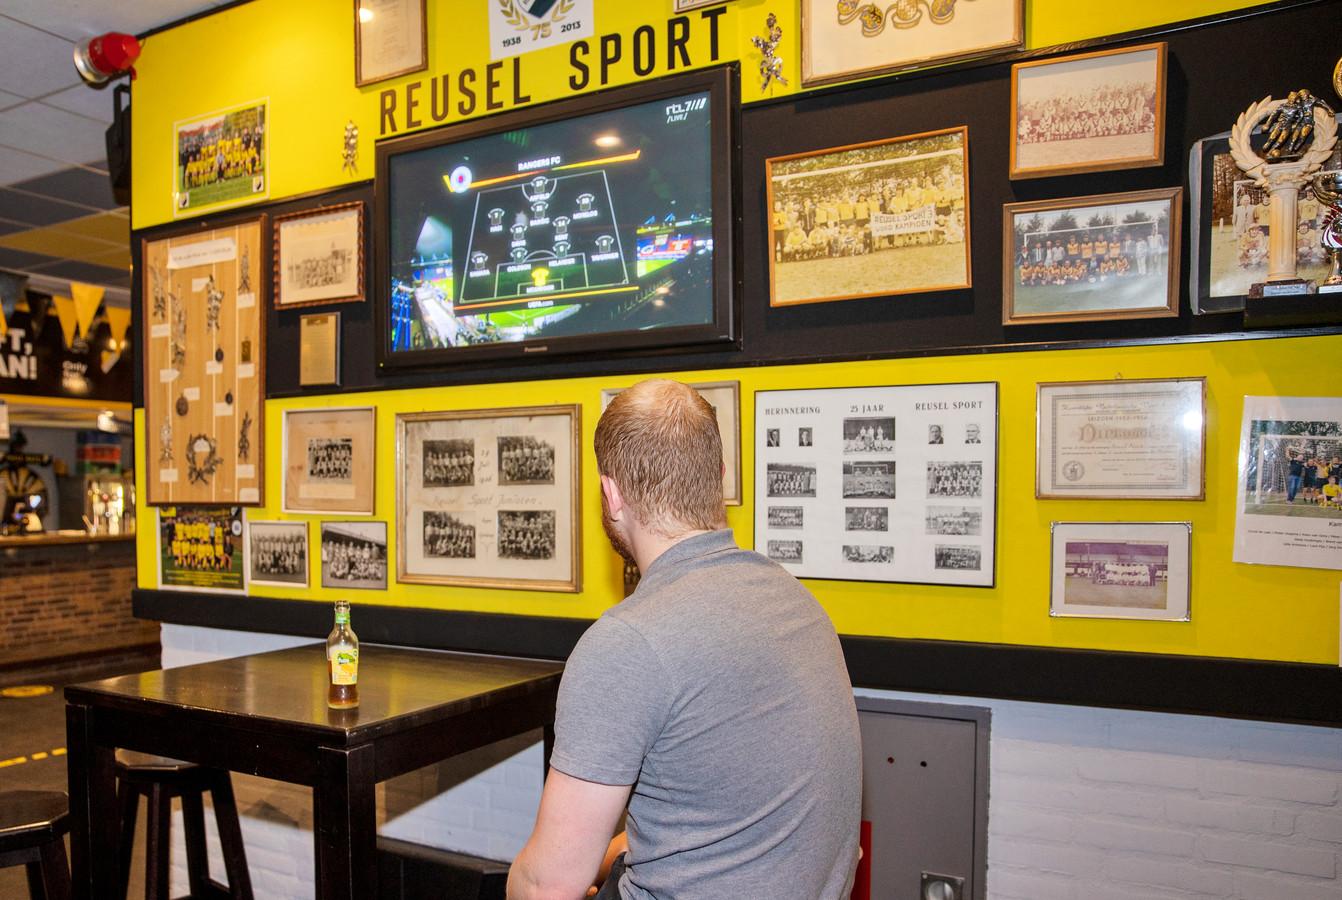 De kantine van Reusel Sport, zo coronaproof mogelijk.